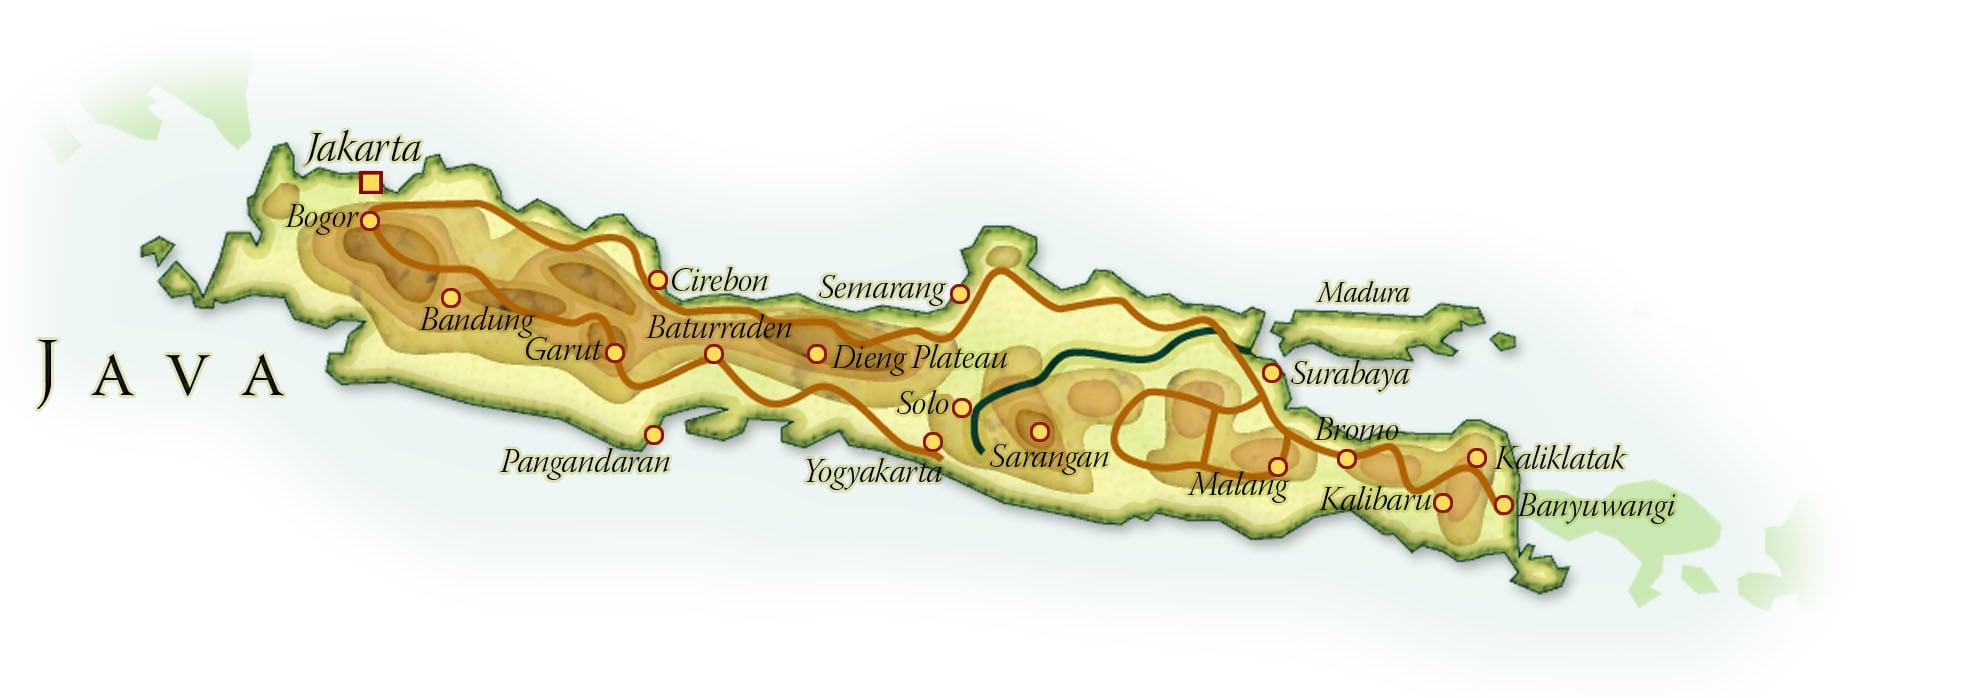 Landkaart Java